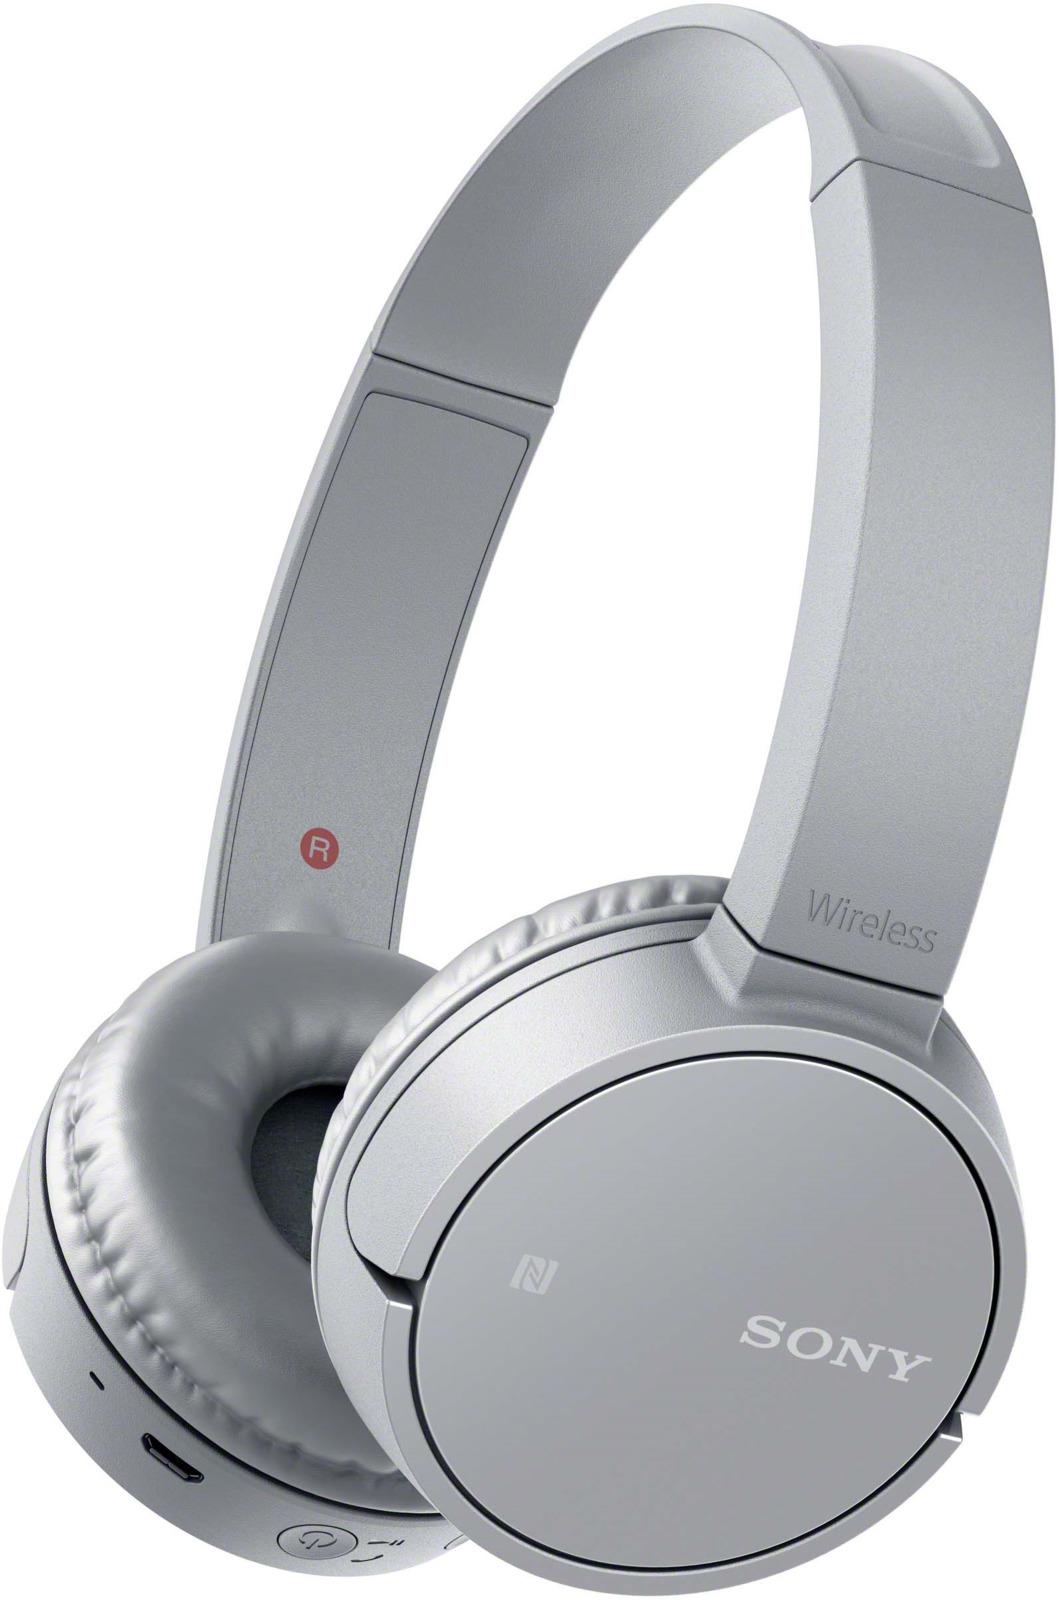 Беспроводные наушники Sony WH-CH500, цвет серый цена и фото